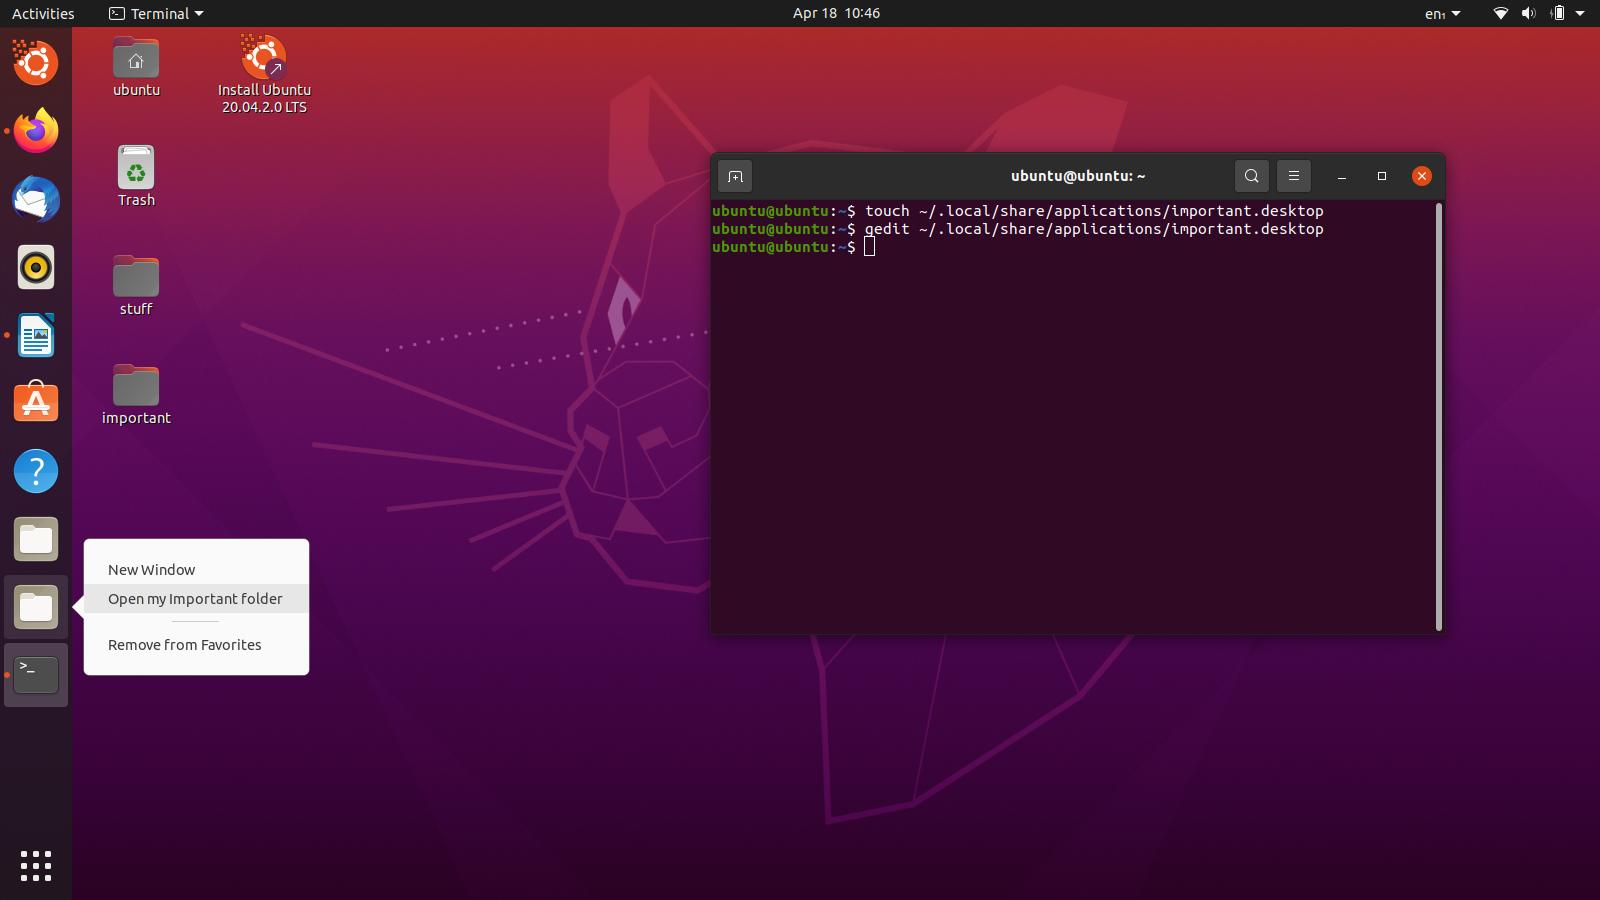 Comment ajouter un dossier à la barre latérale d'Ubuntu?